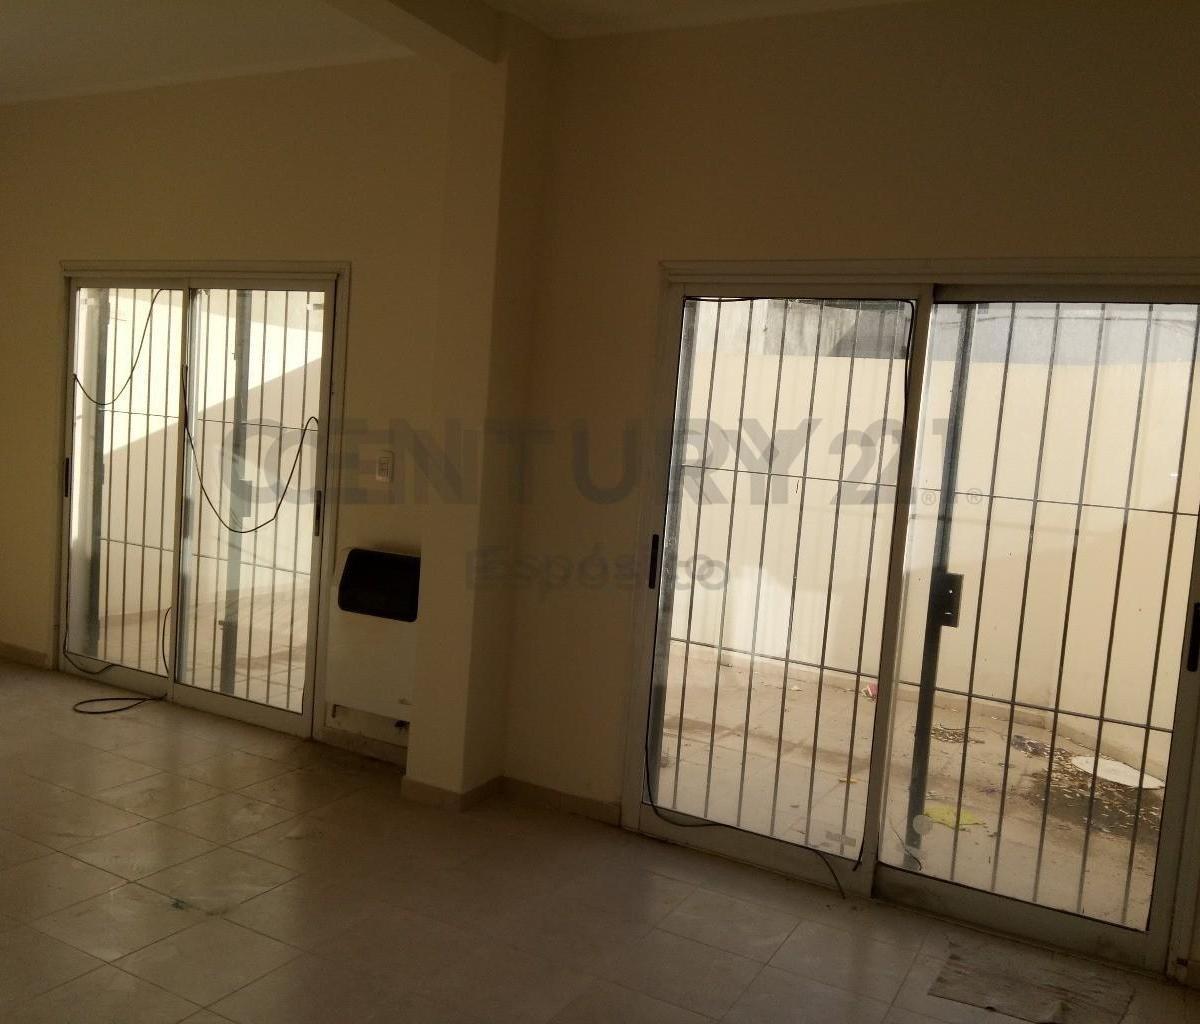 5 e/ 60 y 61 , departamento en venta 1 dormitorio, 52 m2 pb